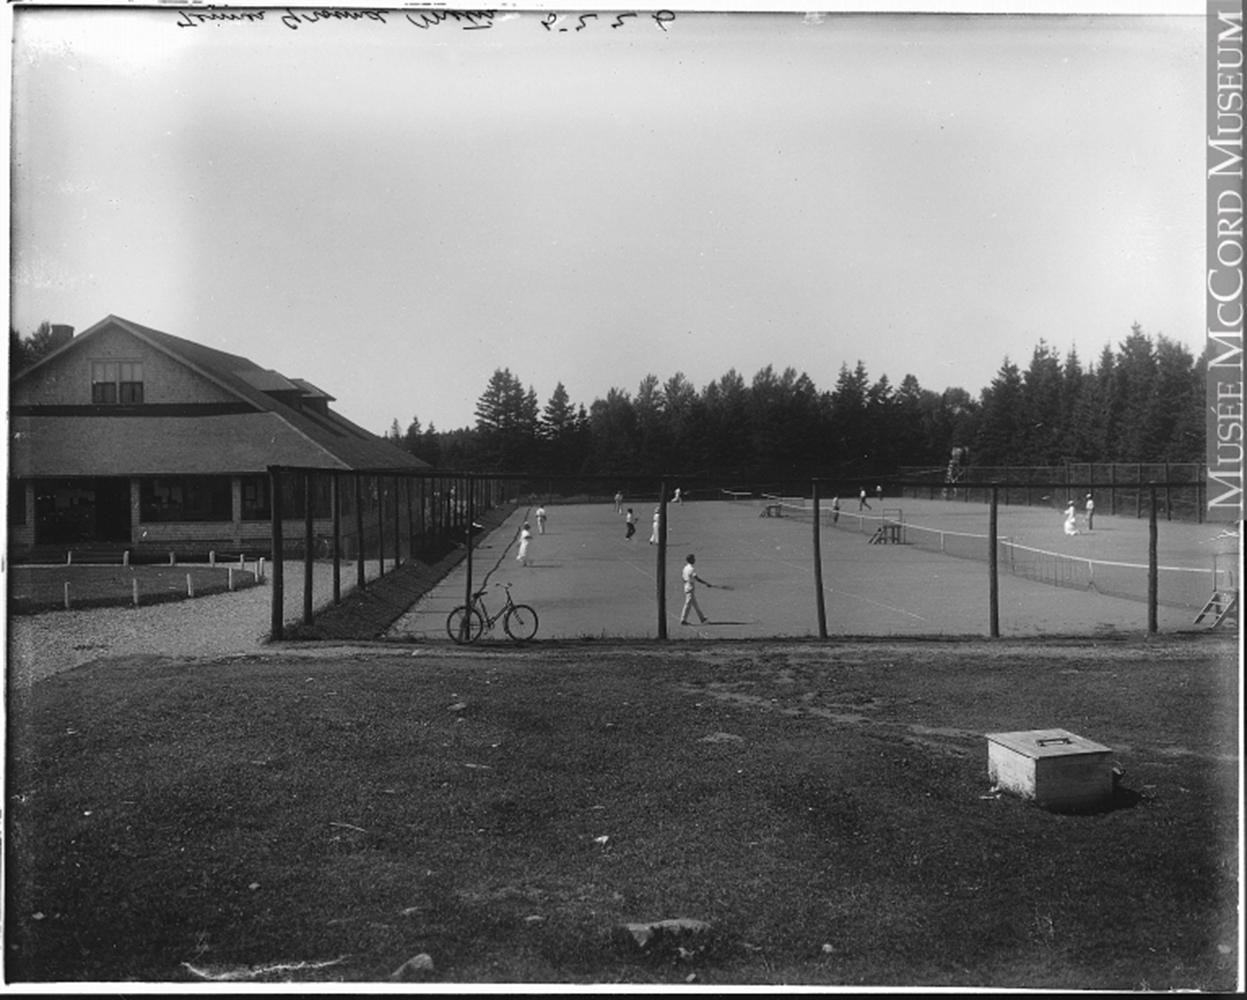 Photographie noir et blanc du terrain de tennis de Métis-sur-Mer. Une haute clôture entoure le terrain de tennis.  Des hommes, vêtu d'un pantalon et d'un chandail blanc, et des femmes, vêtu d'une longue jupe blanche d'une chemise blanche à manche longue et coiffée d'un chapeau, jouent au tennis. Du côté gauche, on aperçoit le bâtiment du club de golf Cascade.